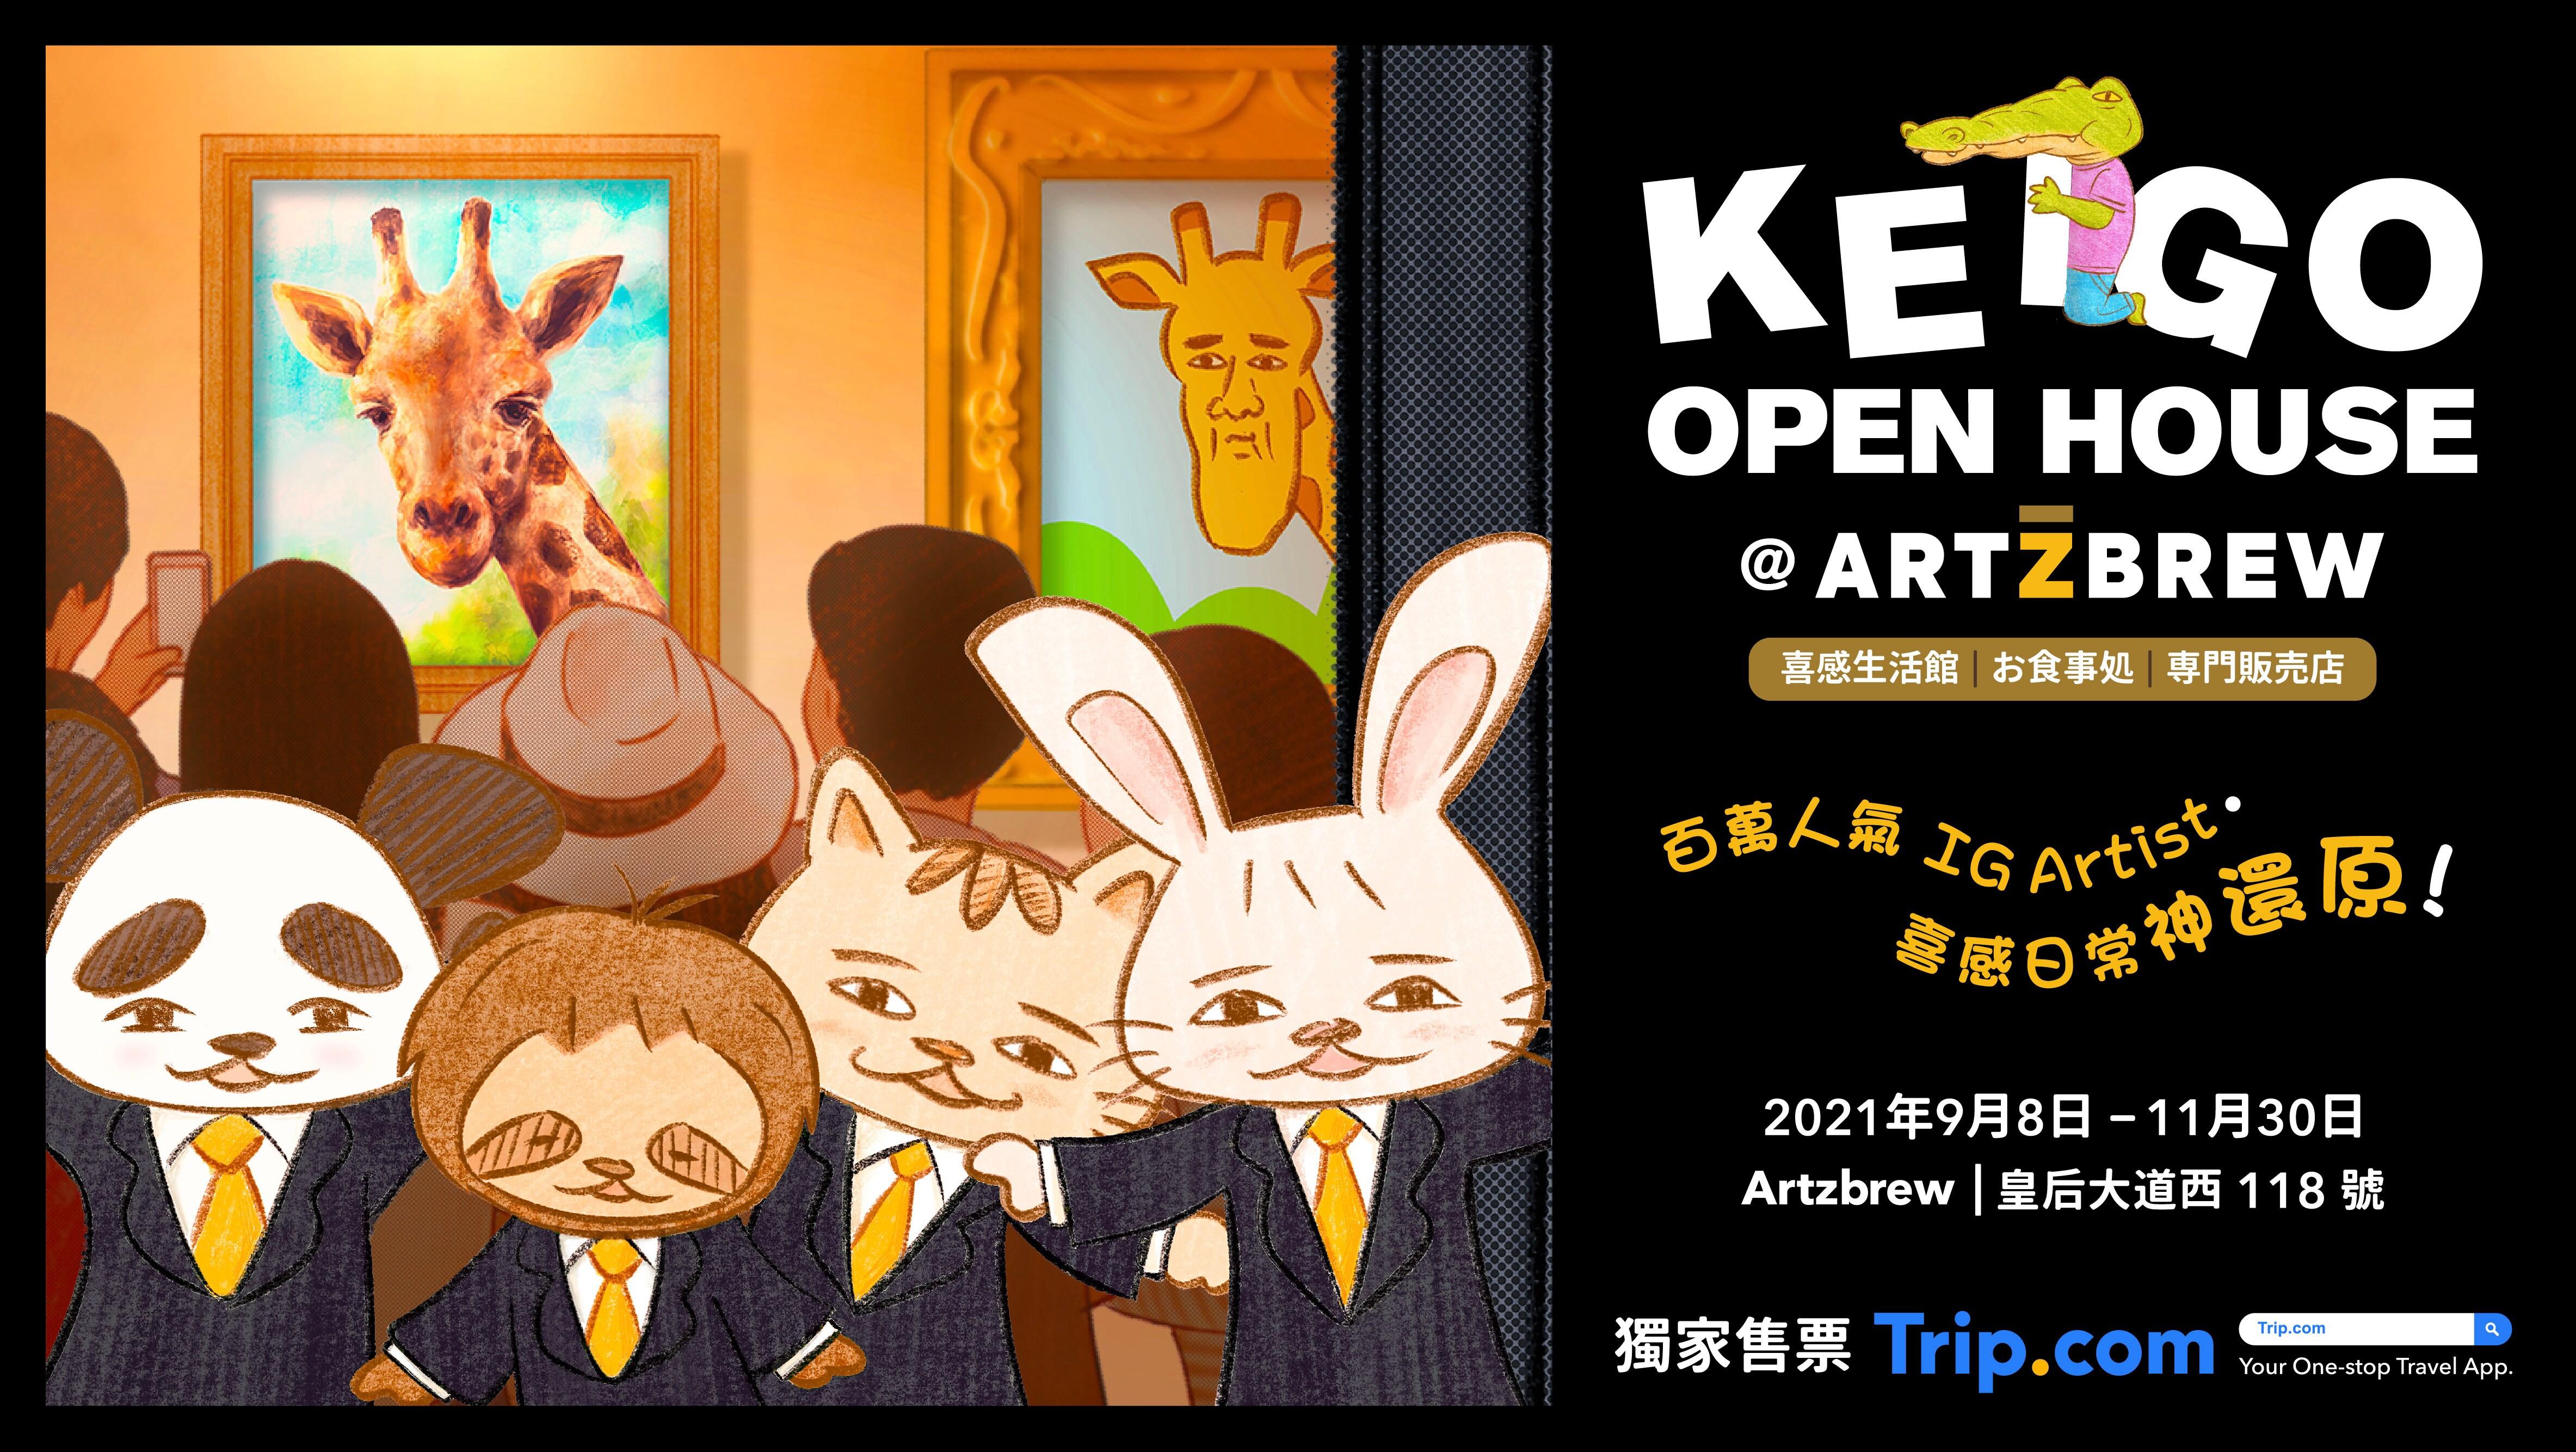 Trip.com 獨家—Keigo Open House @ Artzbrew,早鳥7折套票連主題定食+限定商品